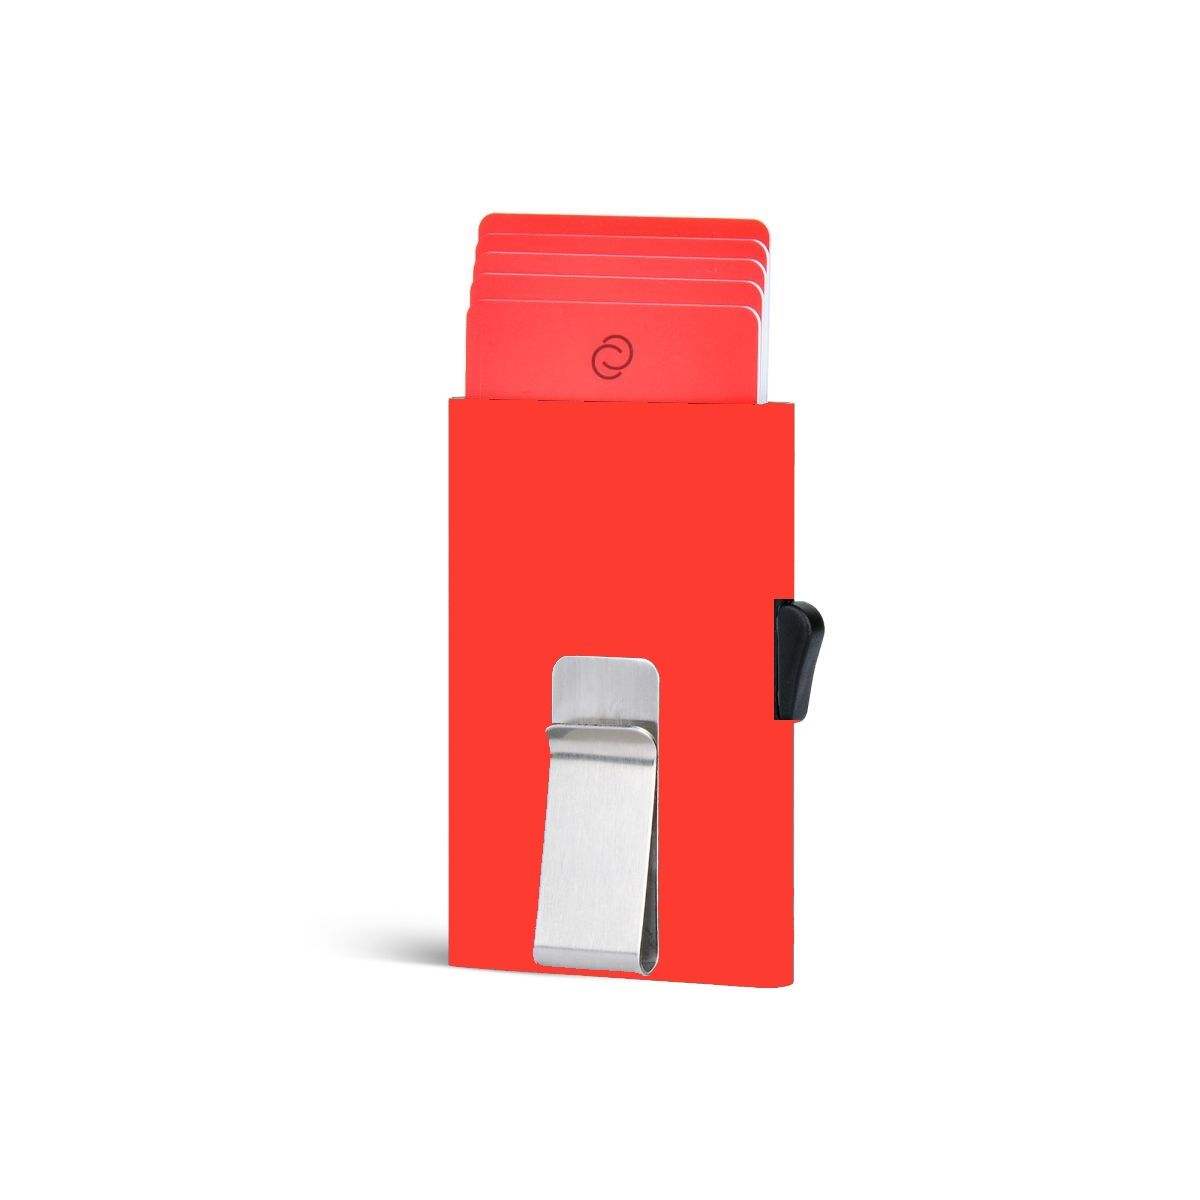 C-Secure ארנק אלומיניום דק בתוספת קליפס - אדום